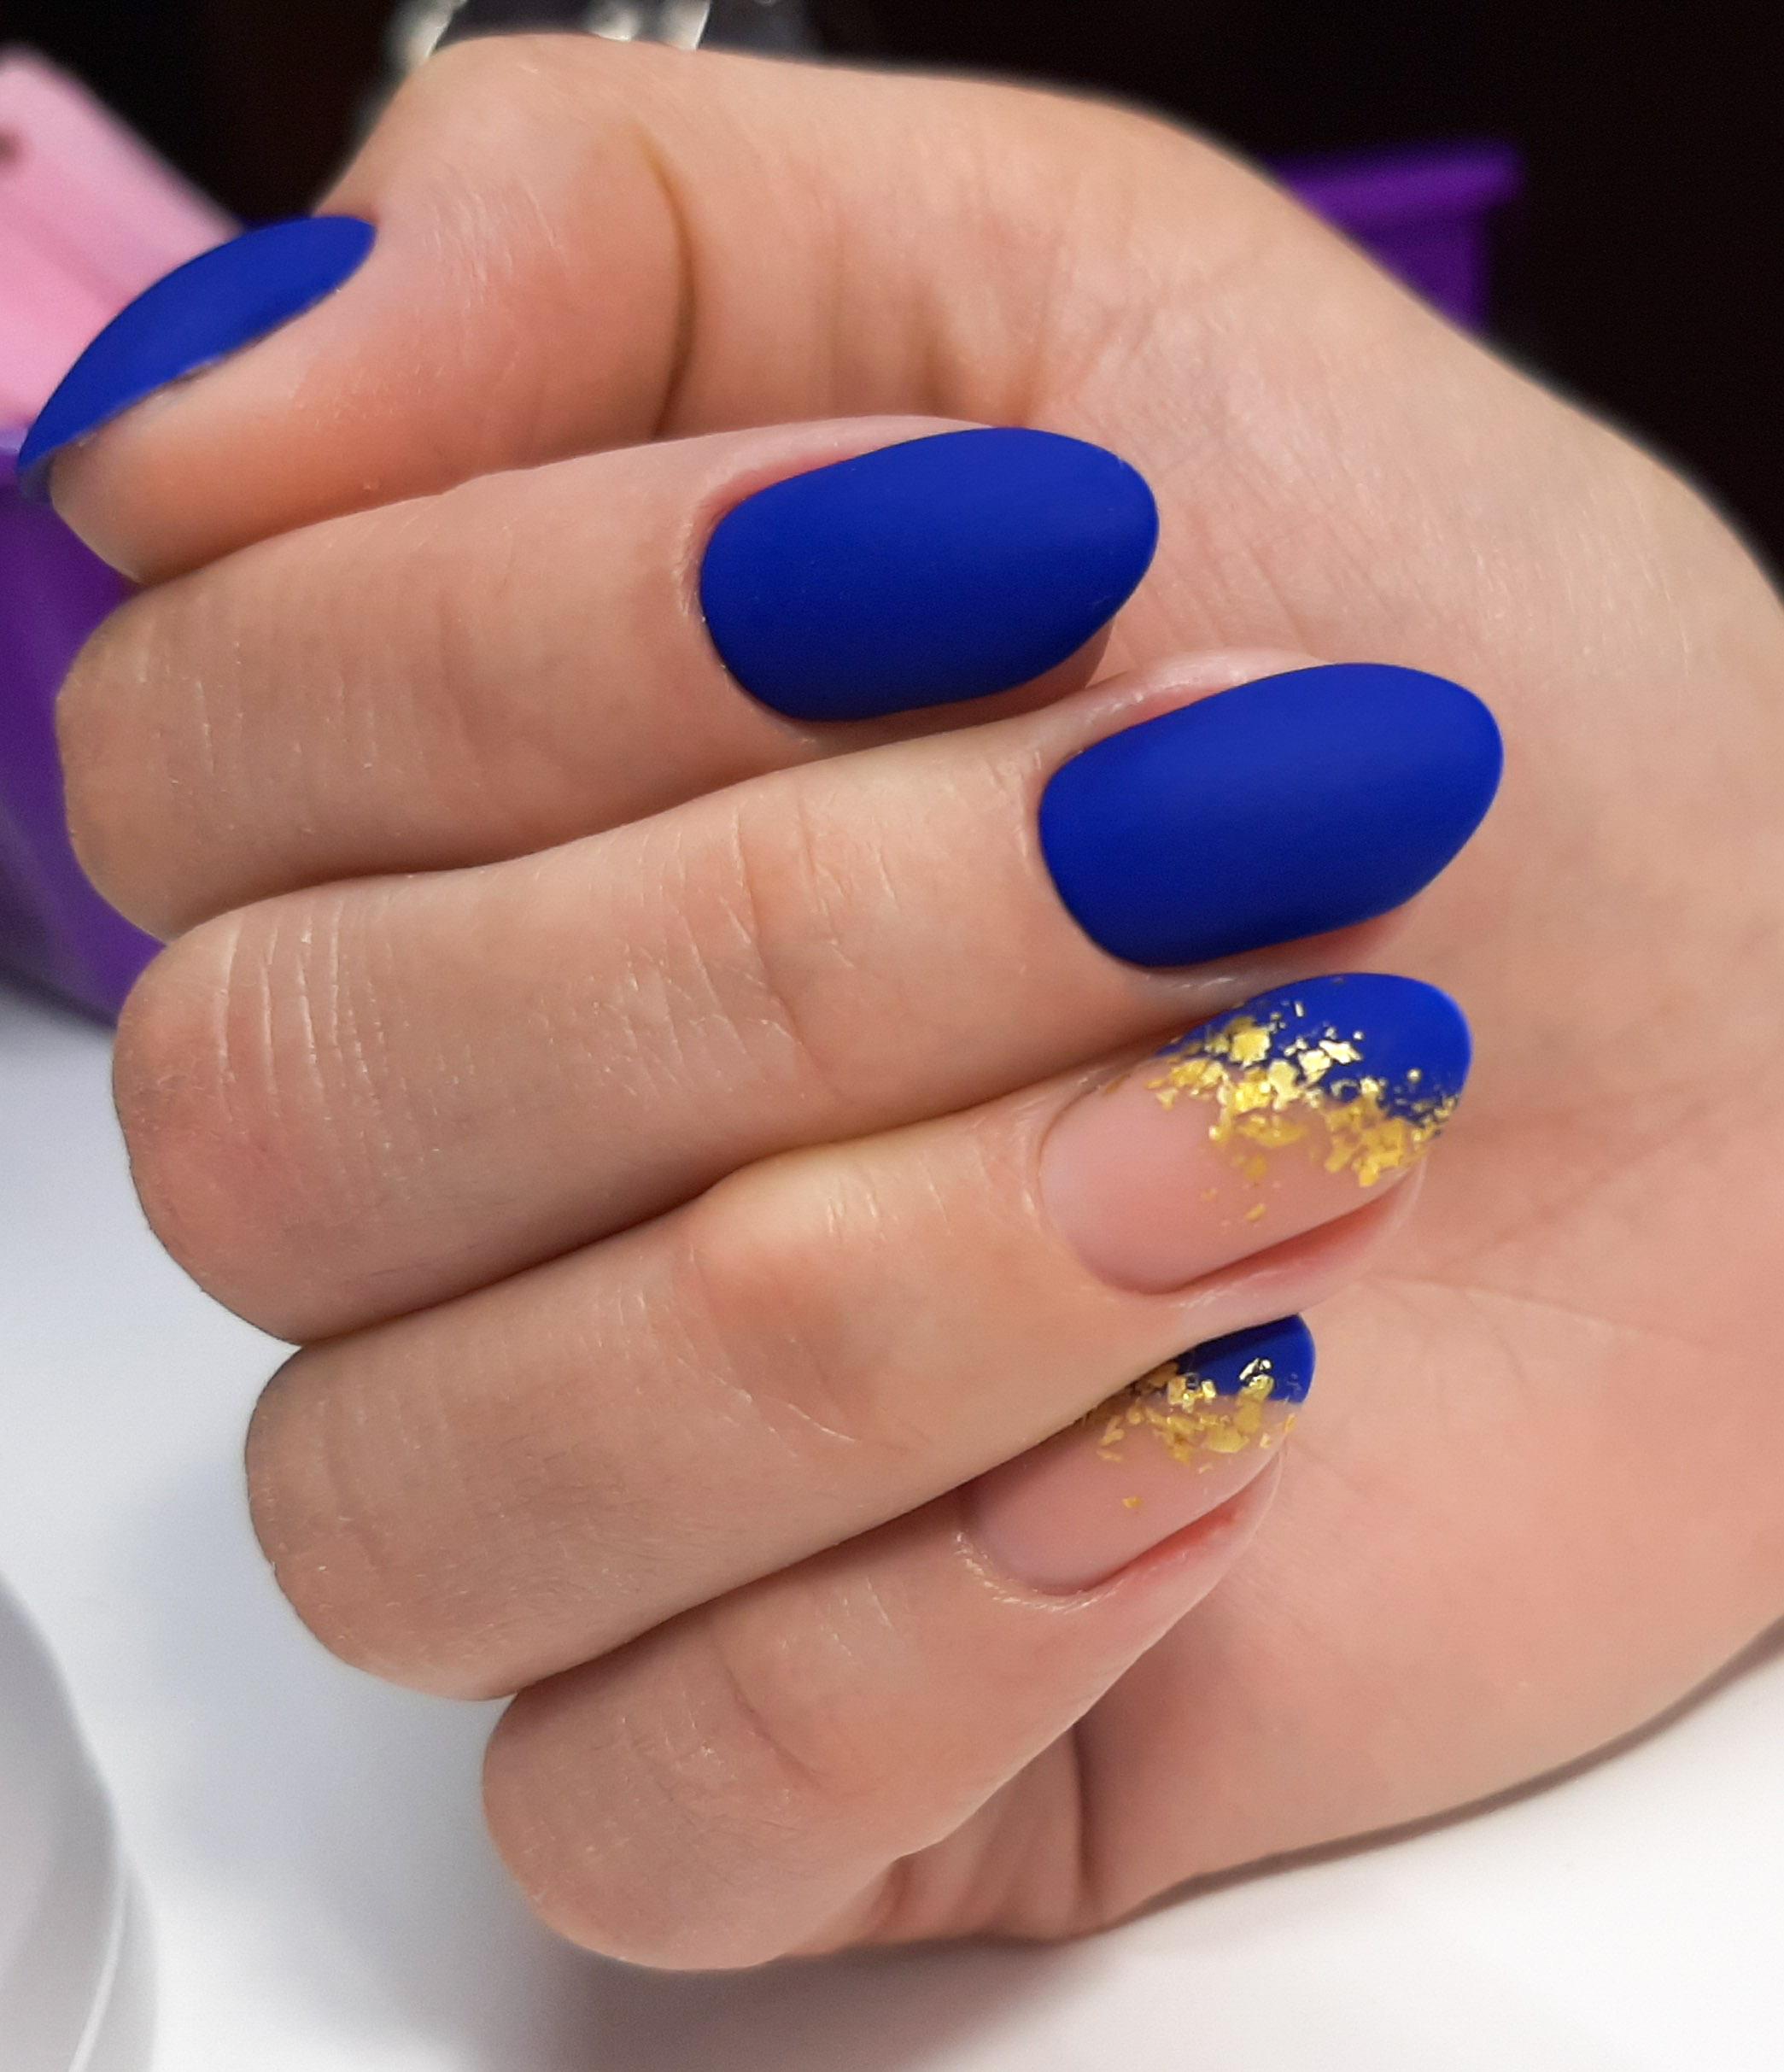 Матовый маникюр с золотой фольгой в синем цвете.